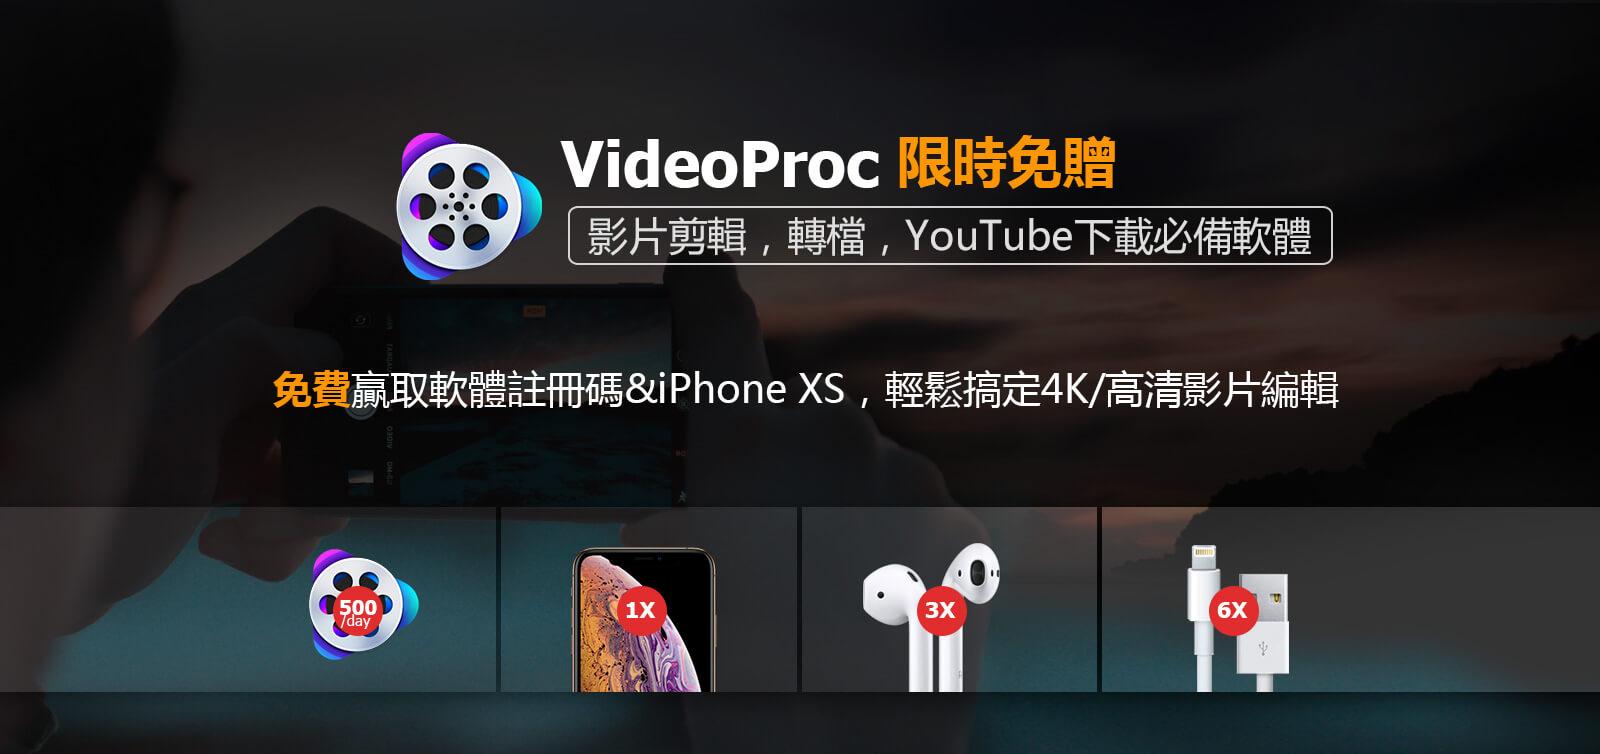 【限免】VideoProc 一次搞定iPhone 4K/ HEVC影片轉檔編輯和YouTube影片下載